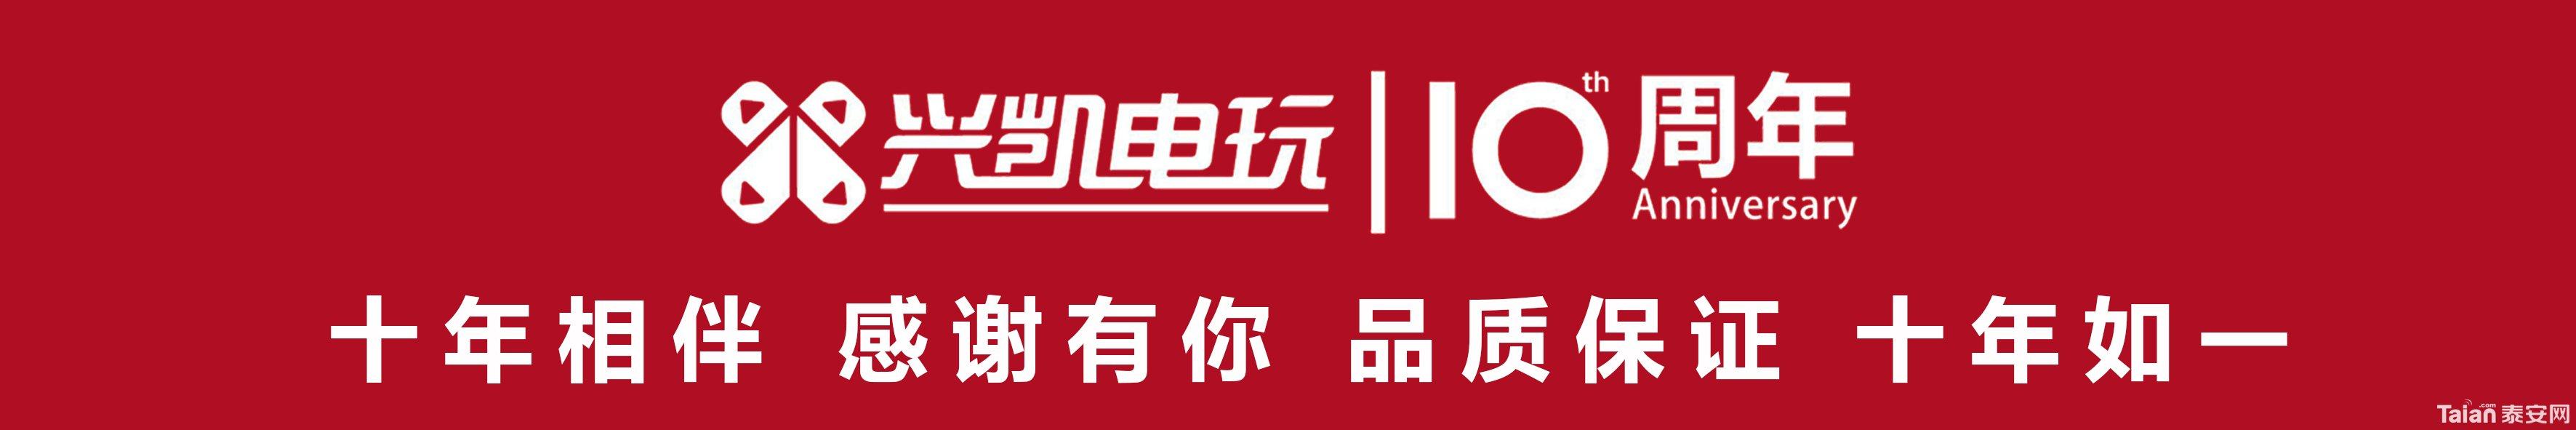 10周年论坛广告logo.jpg